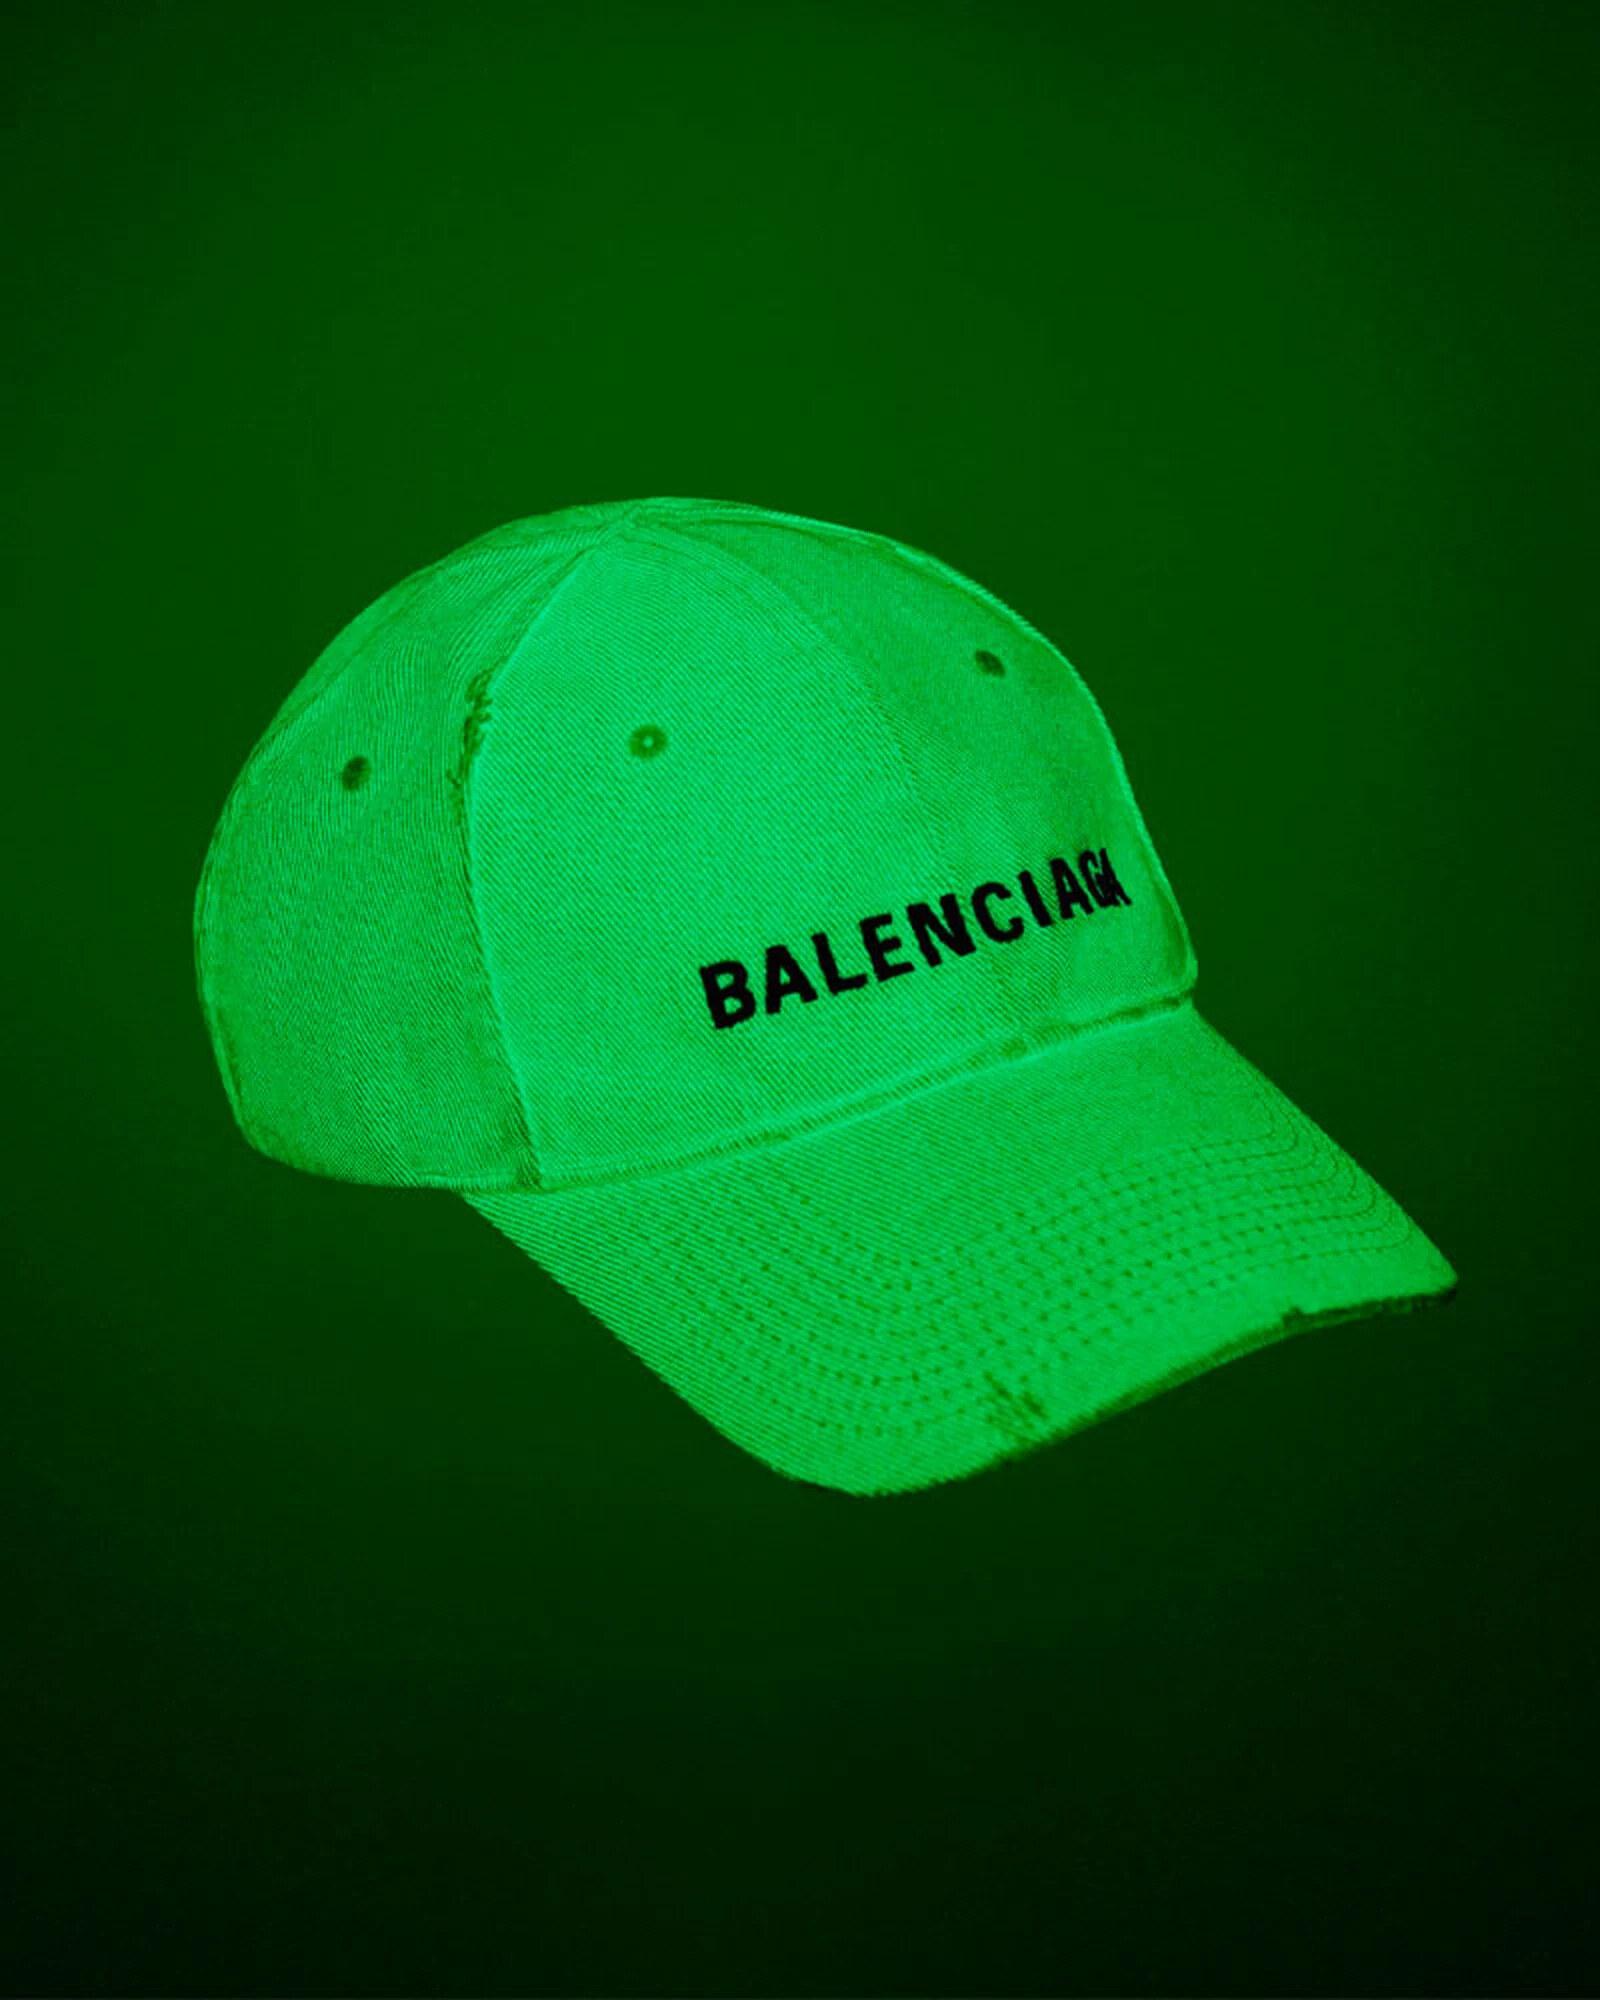 Balenciaga glow-in-the-dark